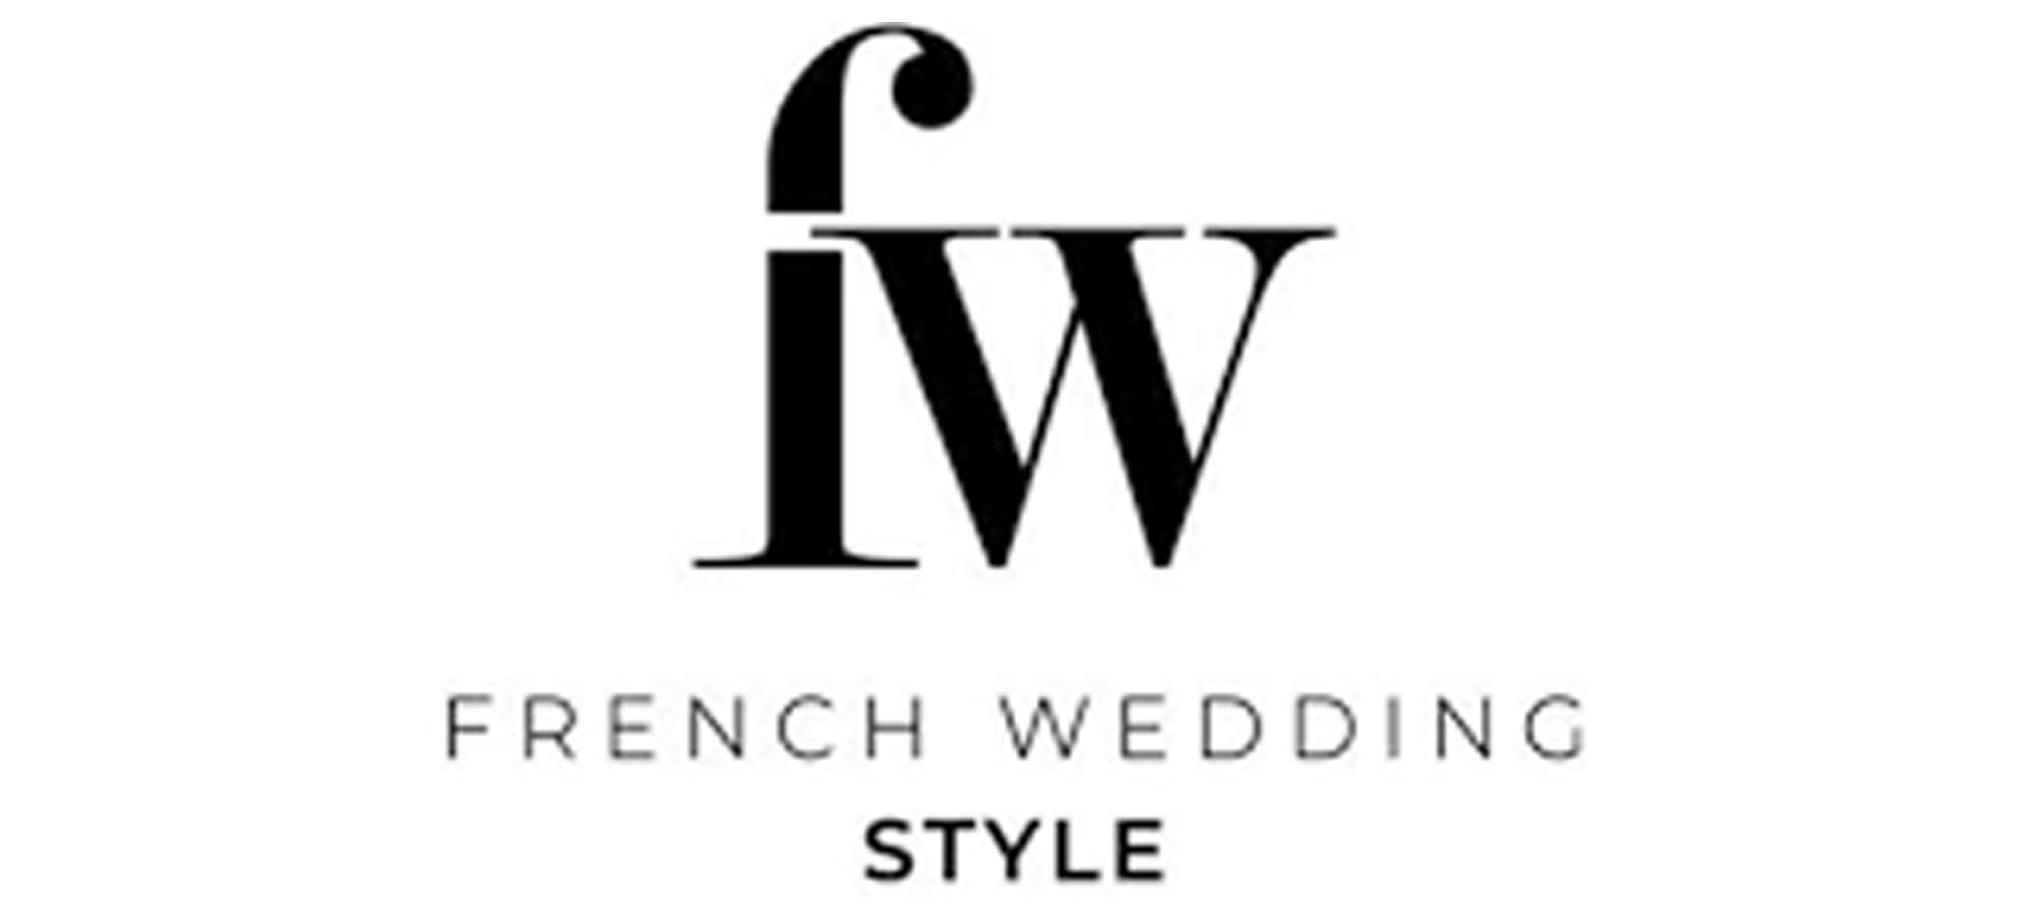 Frenc wedding style